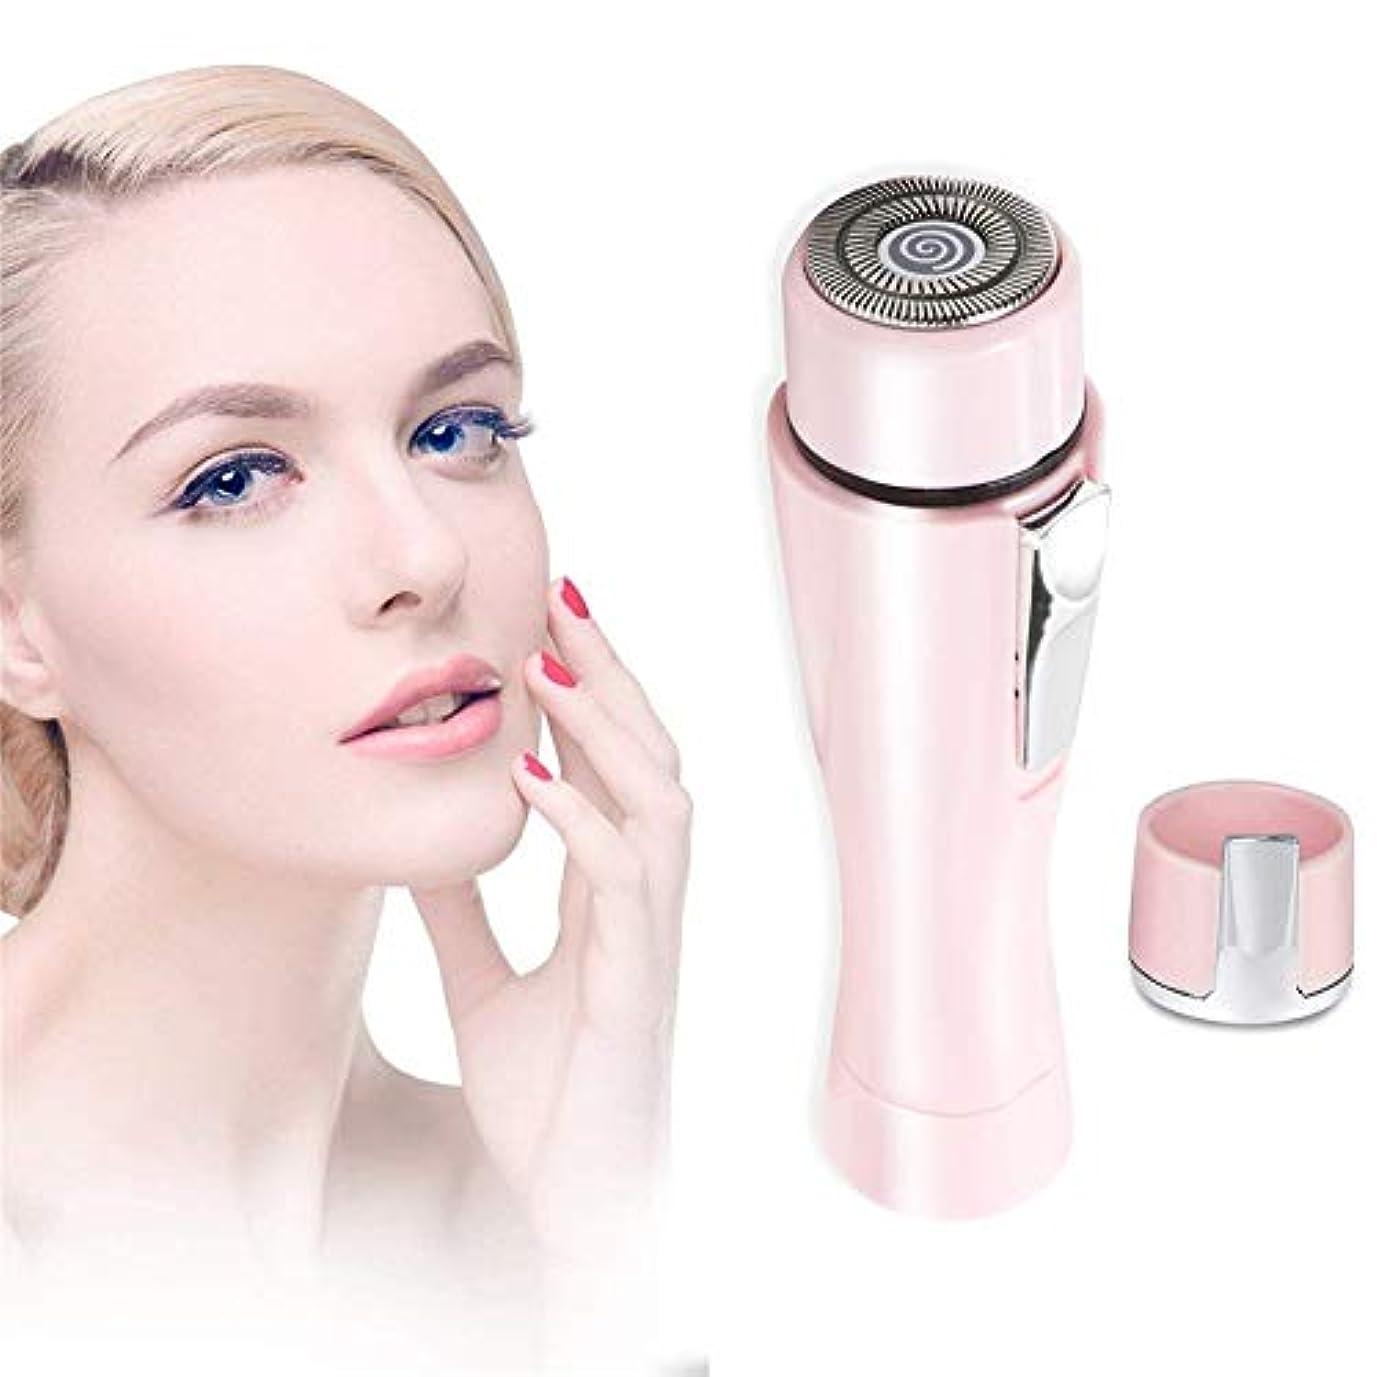 冷蔵庫老朽化した提供する電気毛の除去剤、痛みのない顔の毛の除去剤、完璧な女性の顔の毛のトリマー - ピーチファズ、あご&上唇の口ひげの毛の効果的な除去